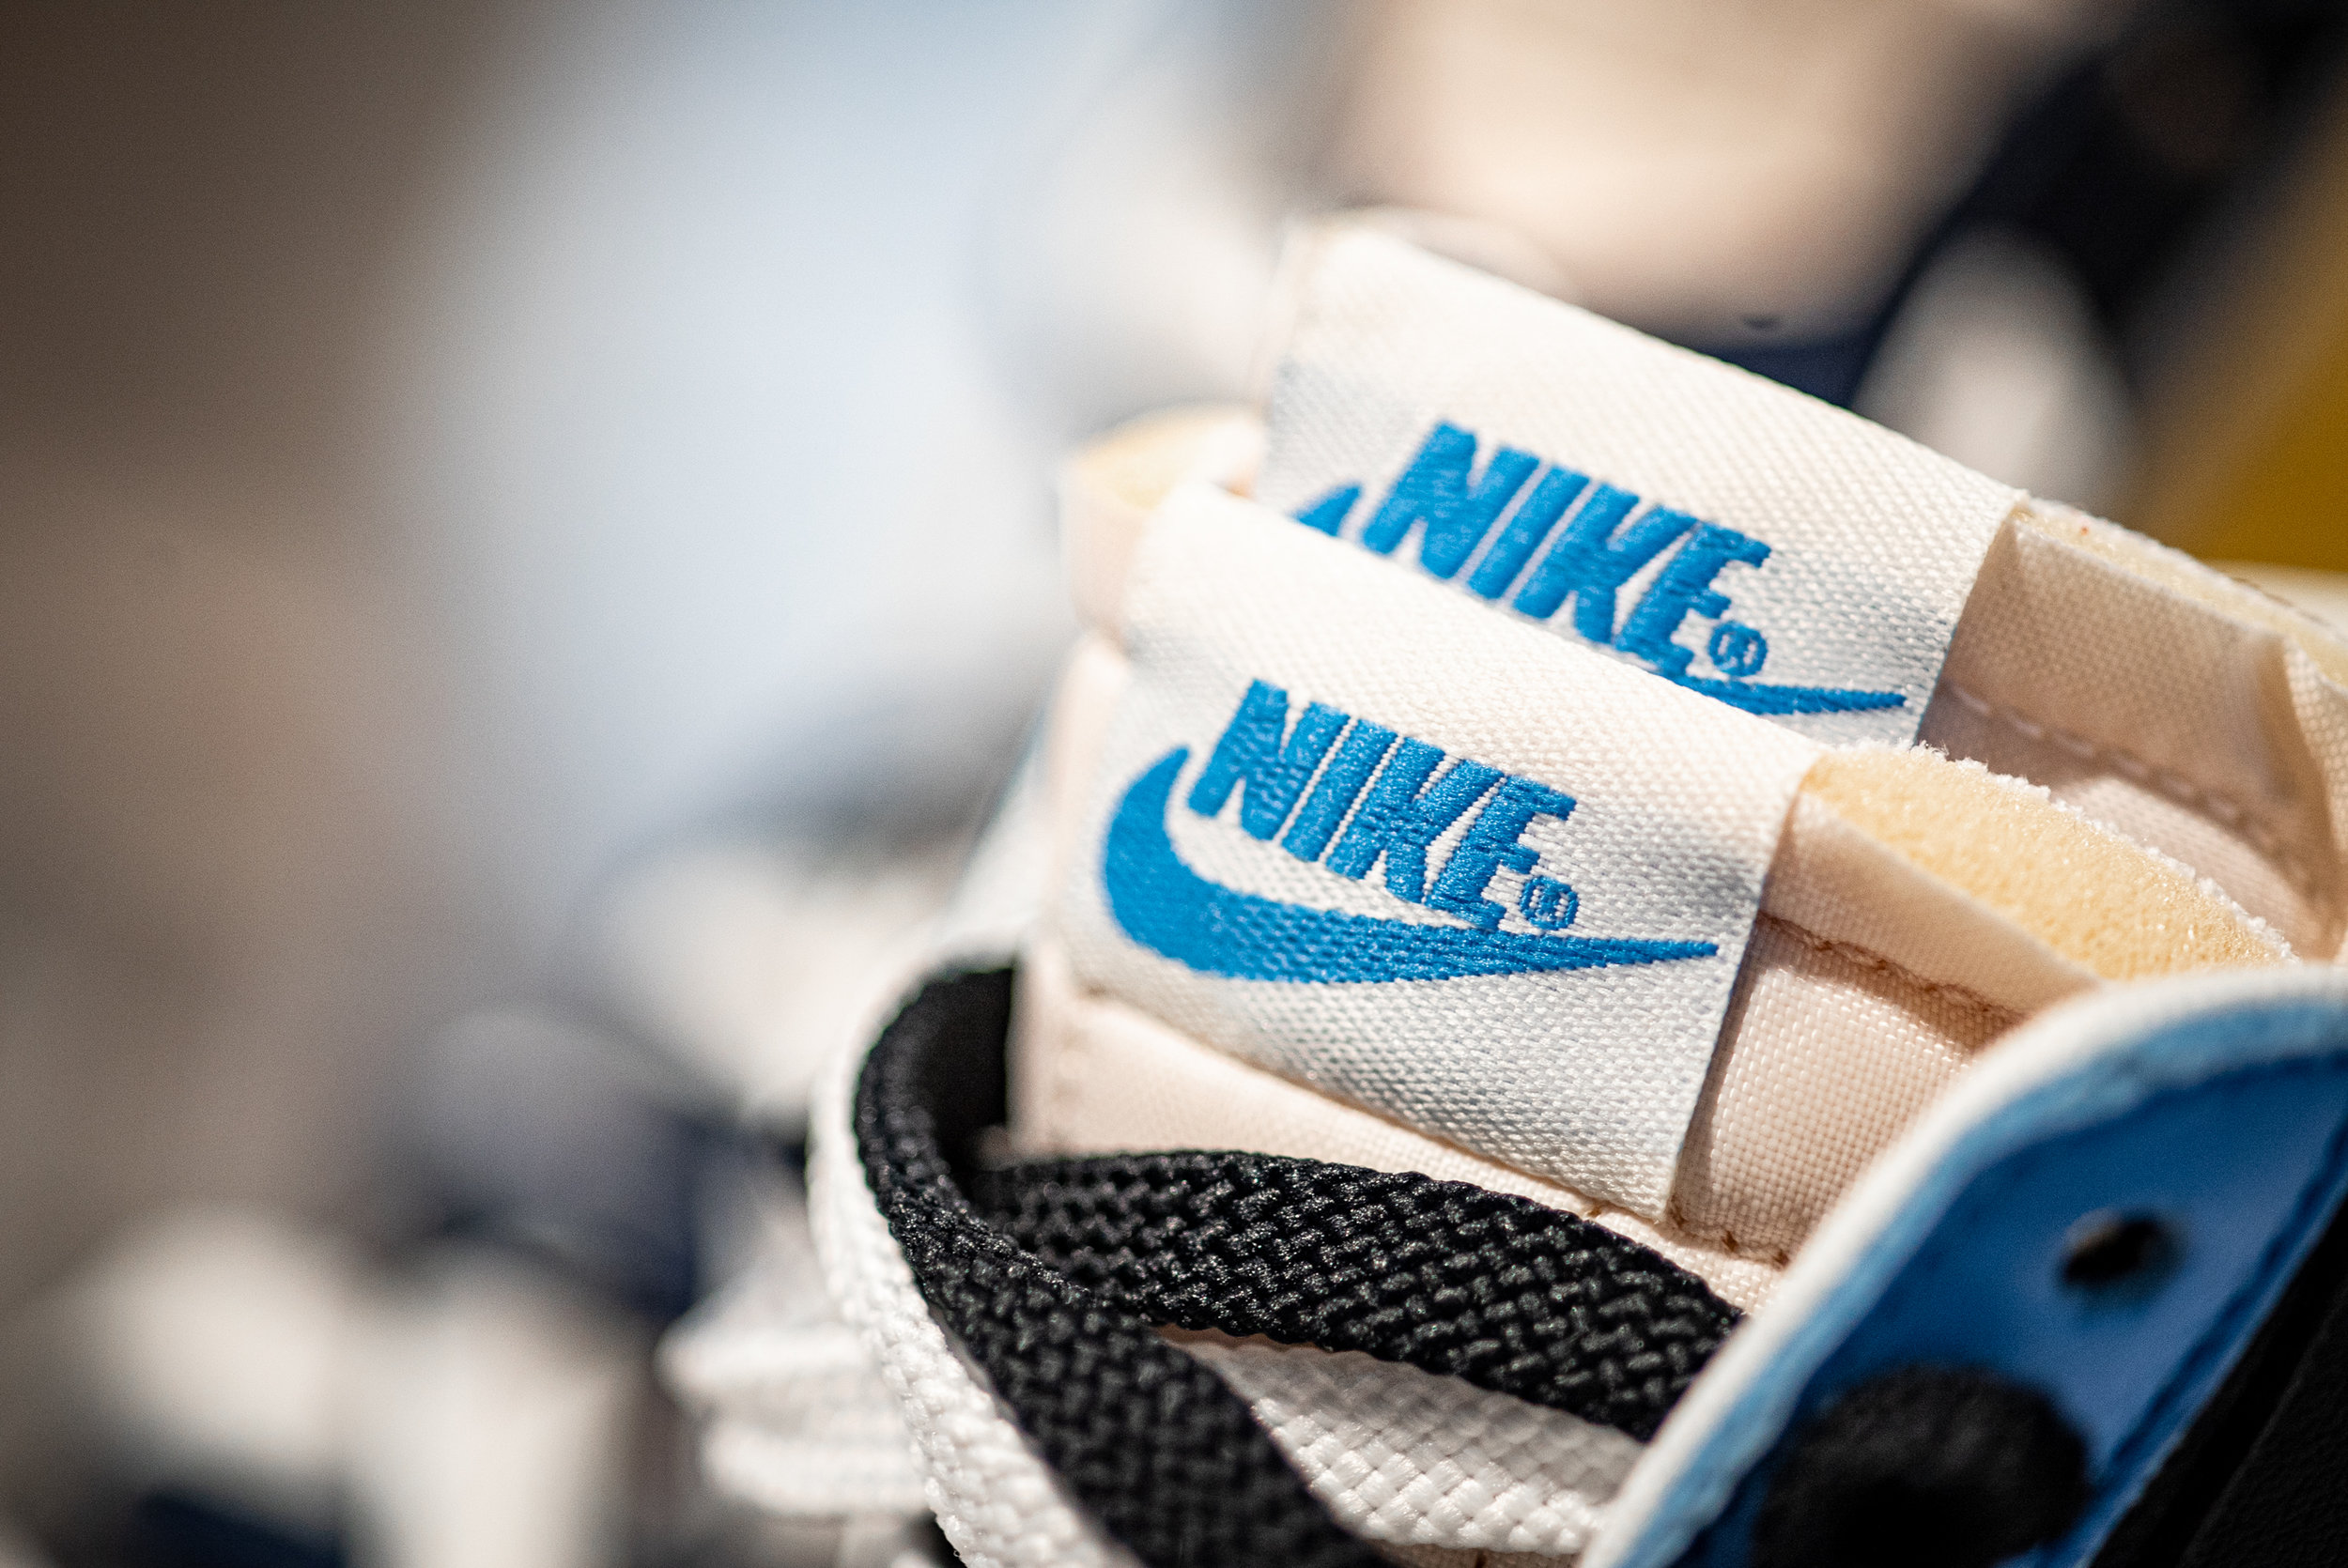 JFENSKE_10113_Satis_Nike_Relab__JTF2754_low_01.jpg